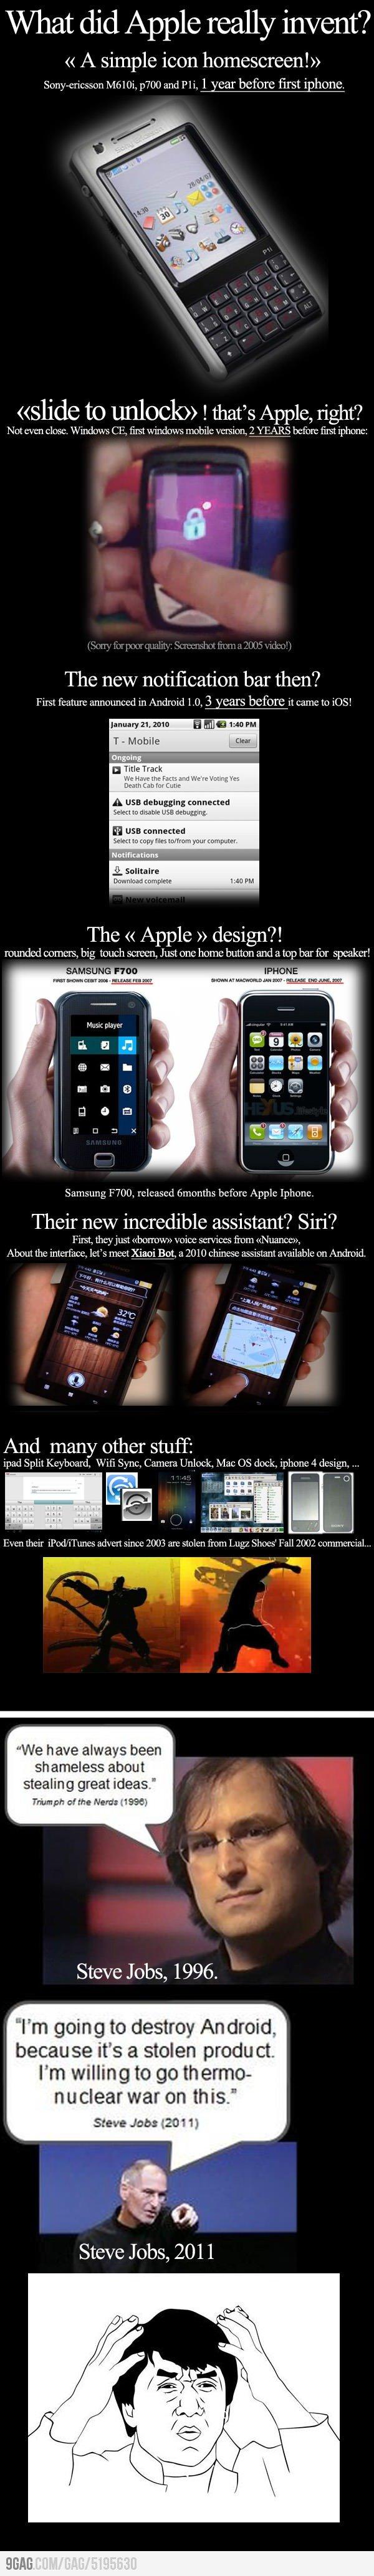 Apples-Erfindungen